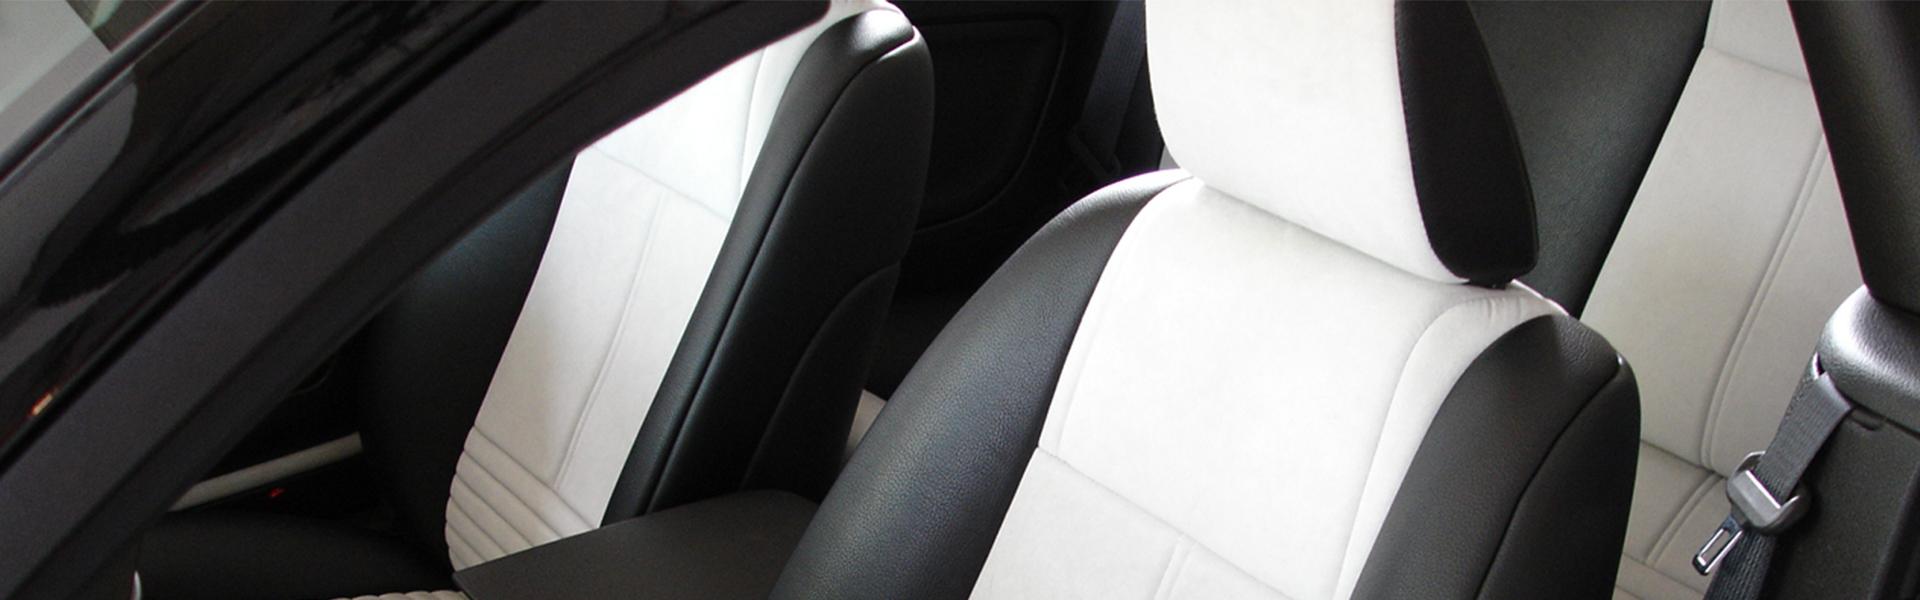 1_0003_8-20-07 car 003